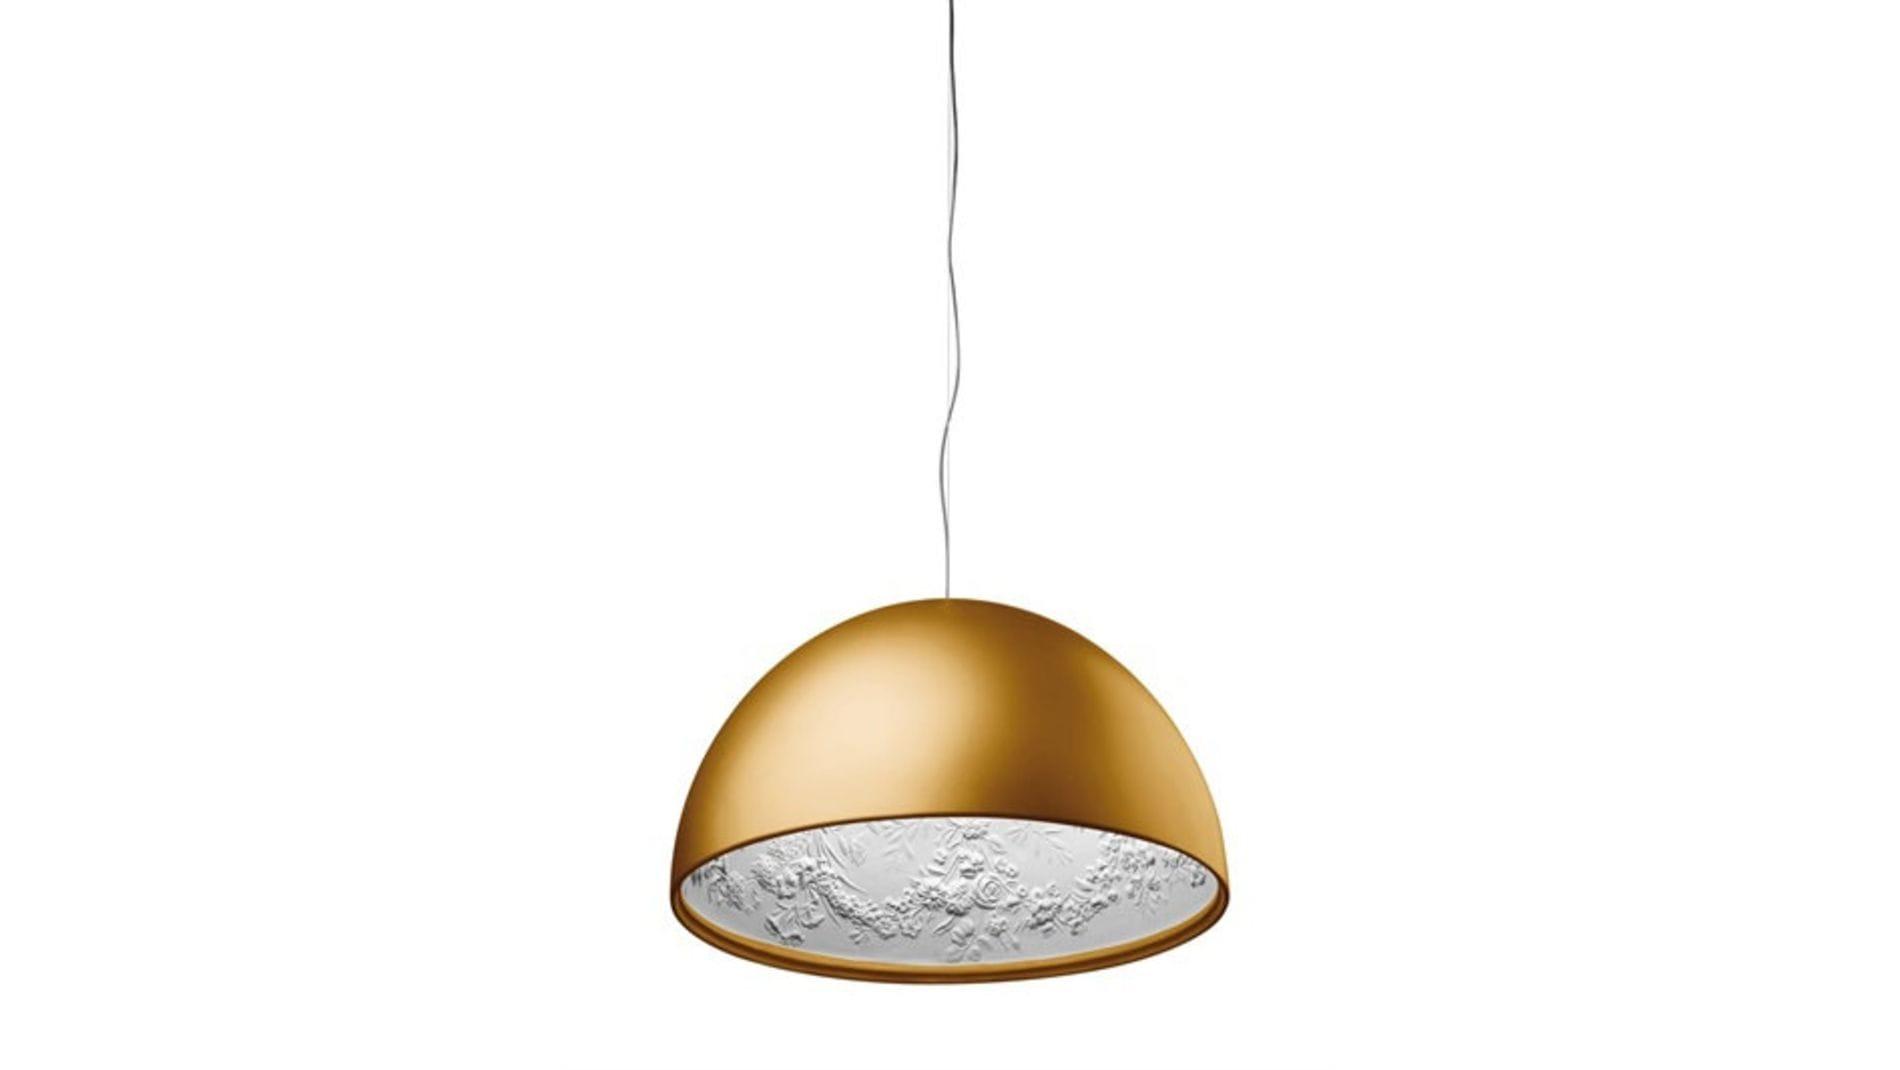 Подвесной светильник SkyGarden Flos D90 Gold